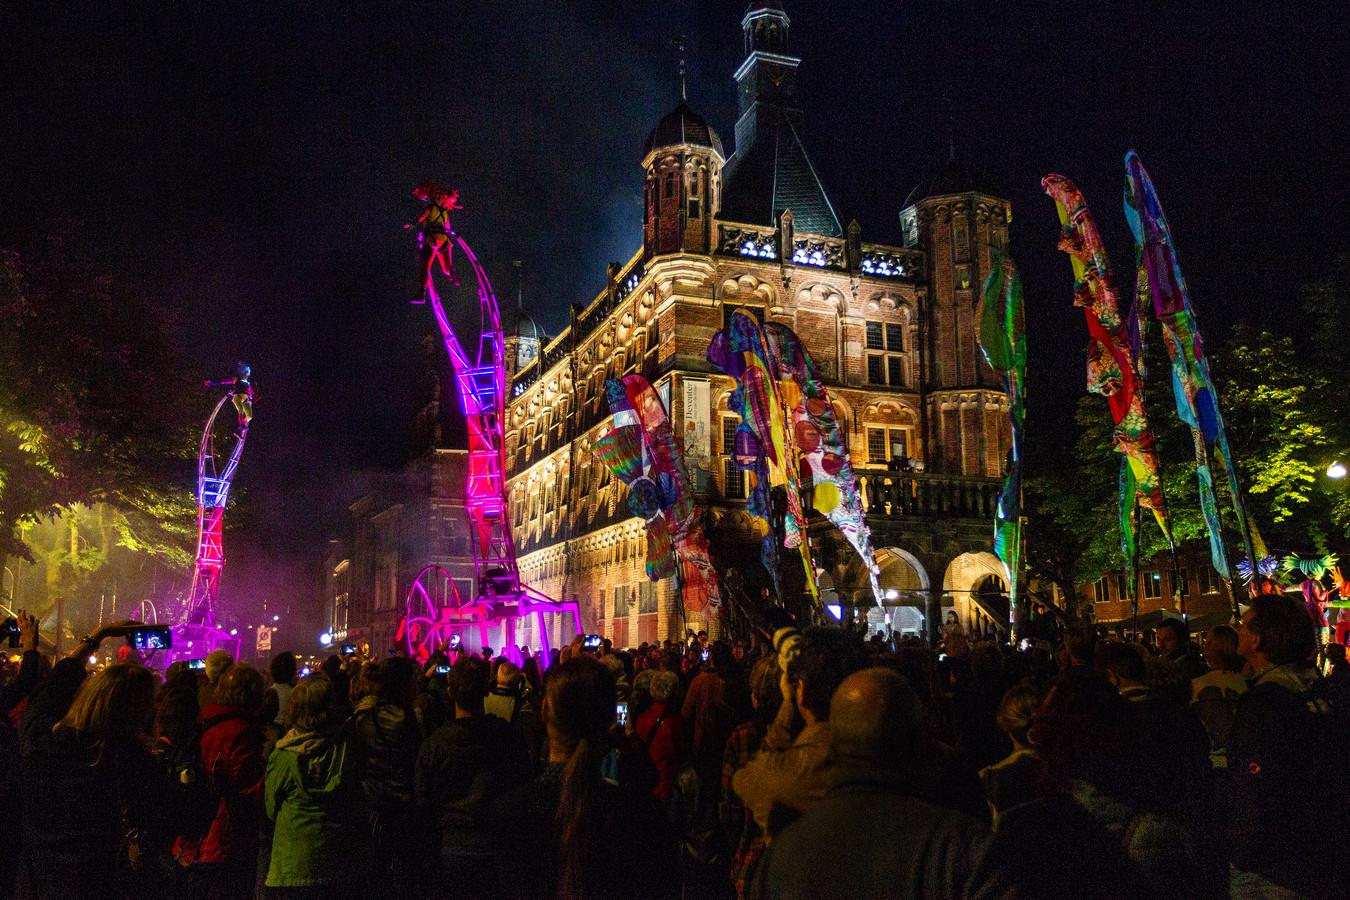 Dat waren nog eens tijden: Deventer op Stelten in 2019, vóór corona de wereld compleet lam legde.